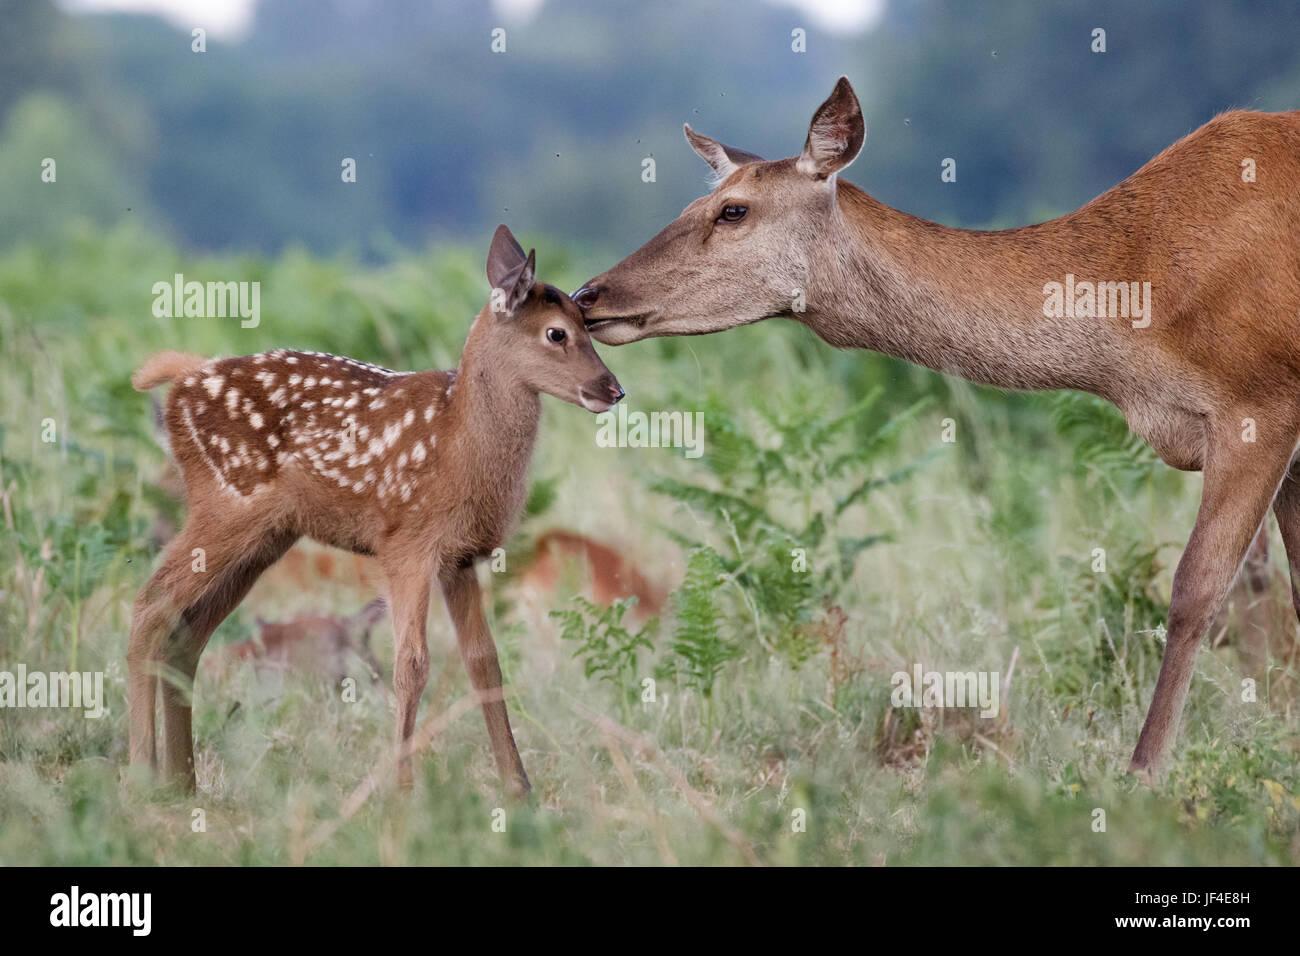 Rothirsch (Cervus Elaphus) weibliche Hinterbeine Mutter und junges Baby Kalb mit einer zarten Verklebung moment Stockbild